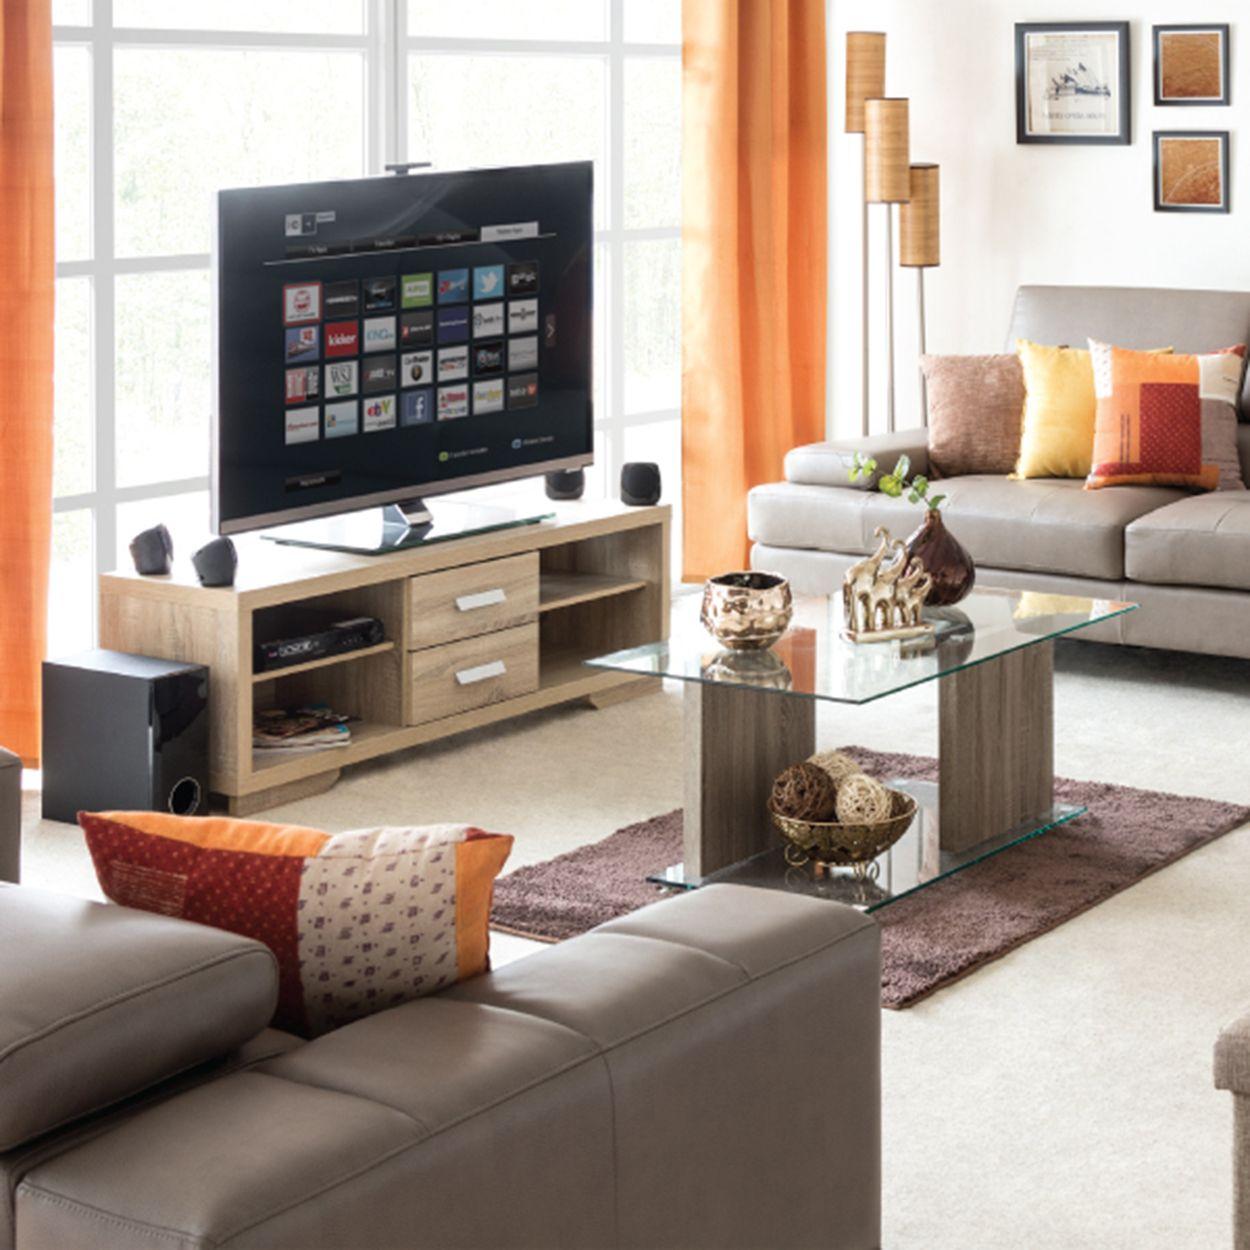 Formas Calidez Moderno Sala Descanso Decoraci N  # Muebles Relax Ecuador